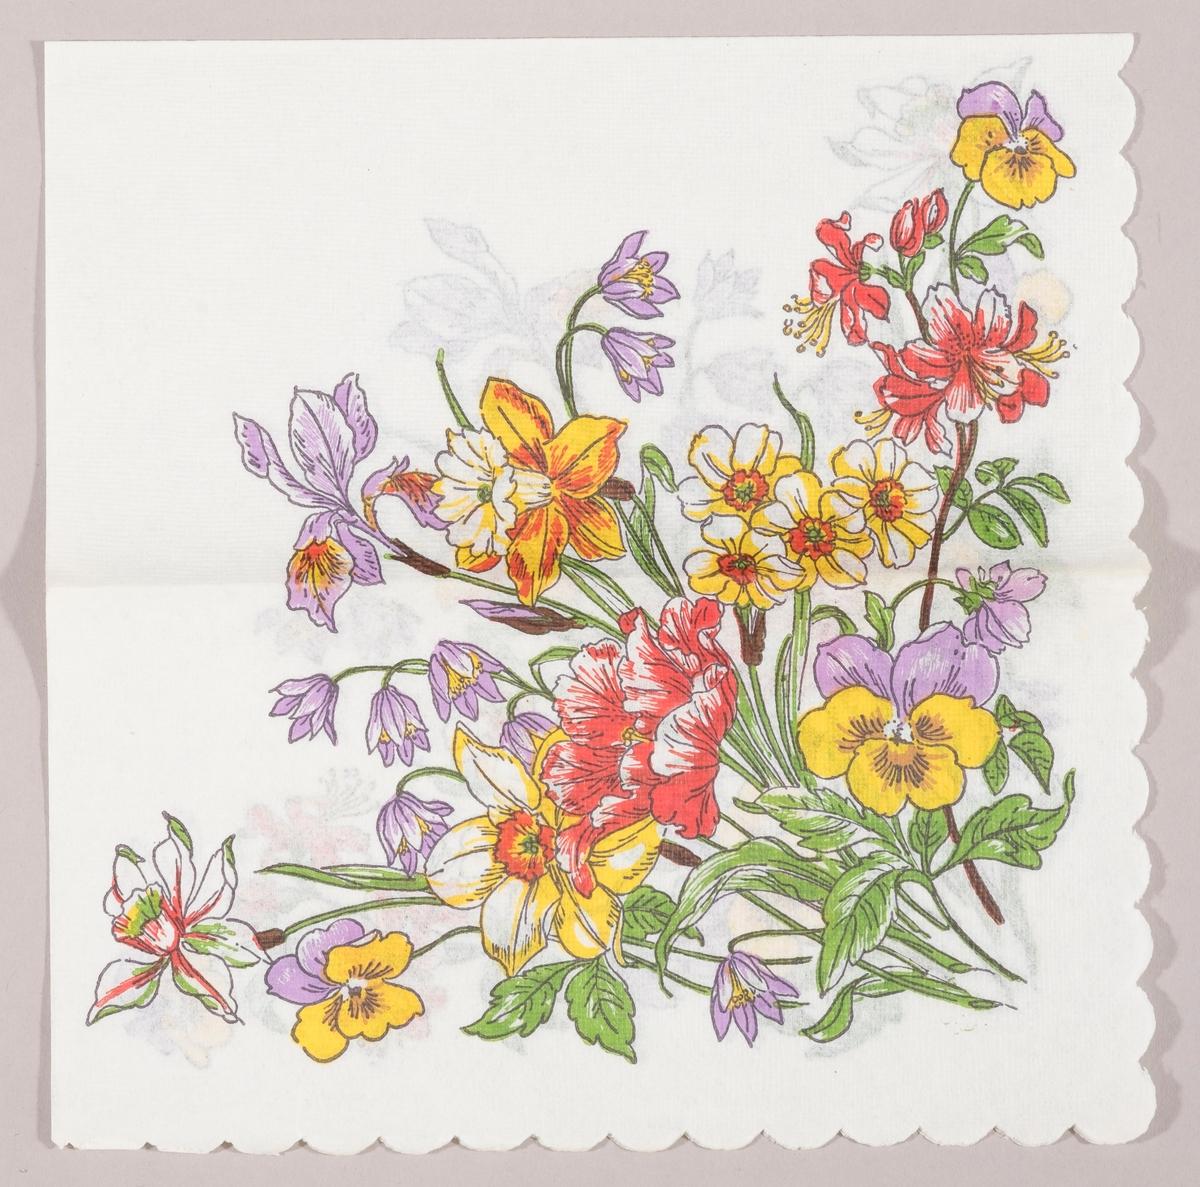 Forskjellige vårblomster bla. liljer, stemorblomst og tulipaner.